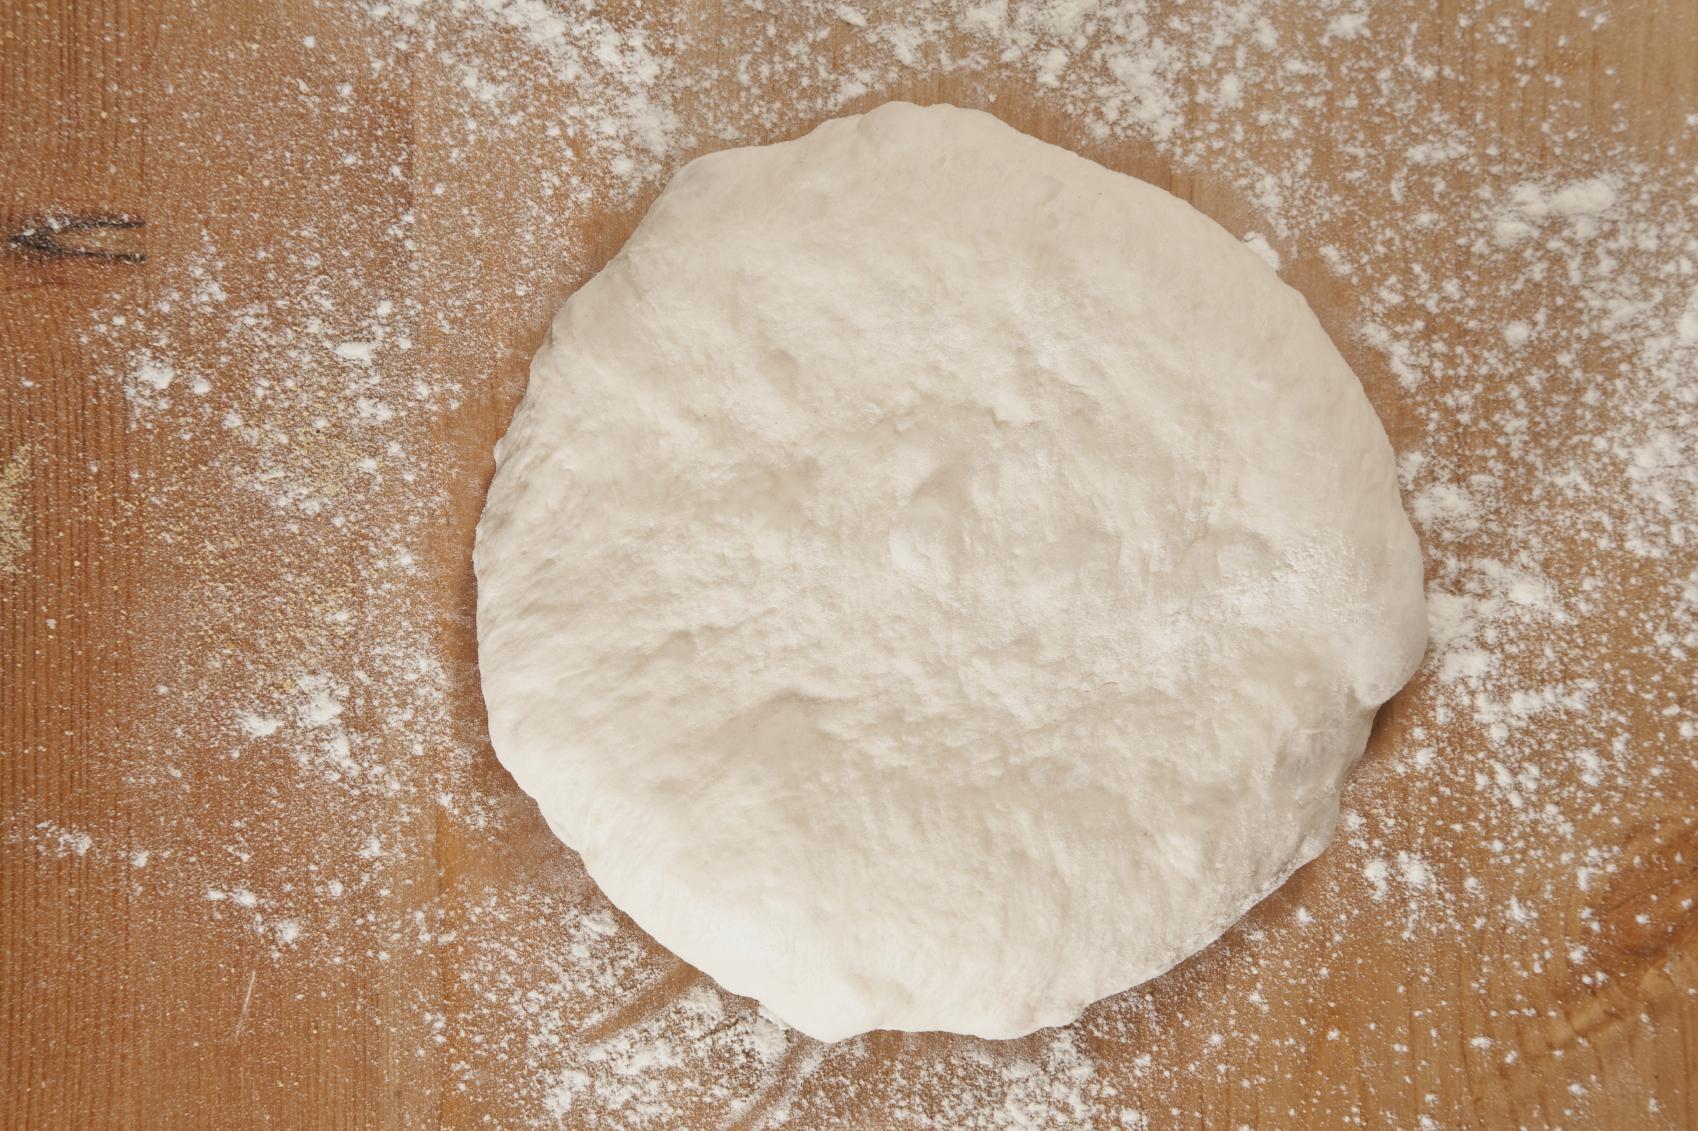 Masa para pizza argentina casera